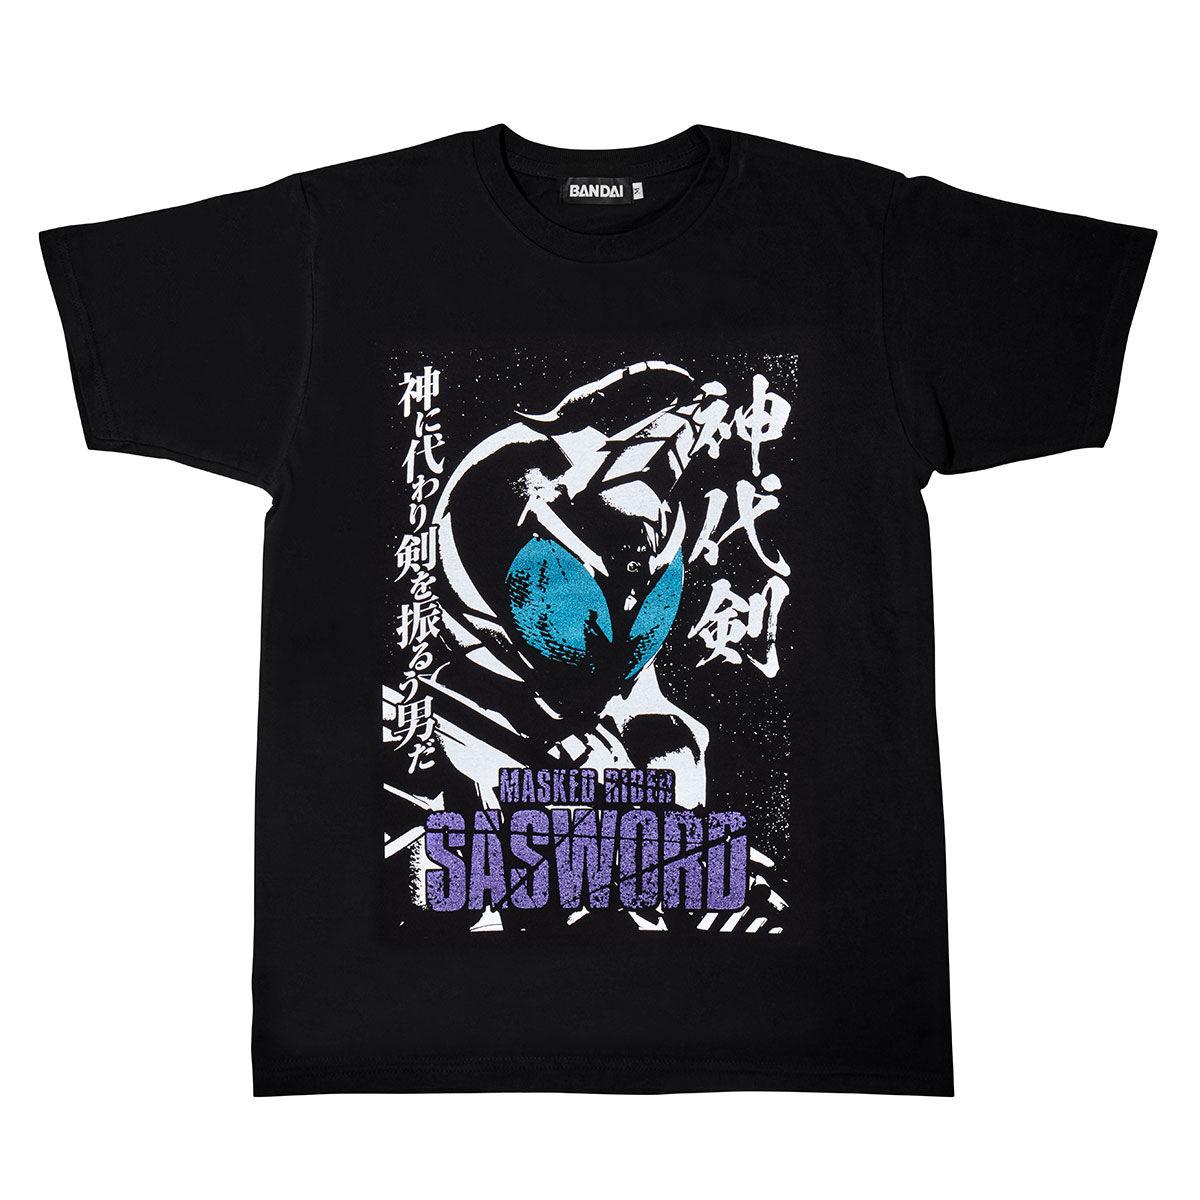 Kamen Rider Kabuto Tsurugi Kamishiro T-shirt